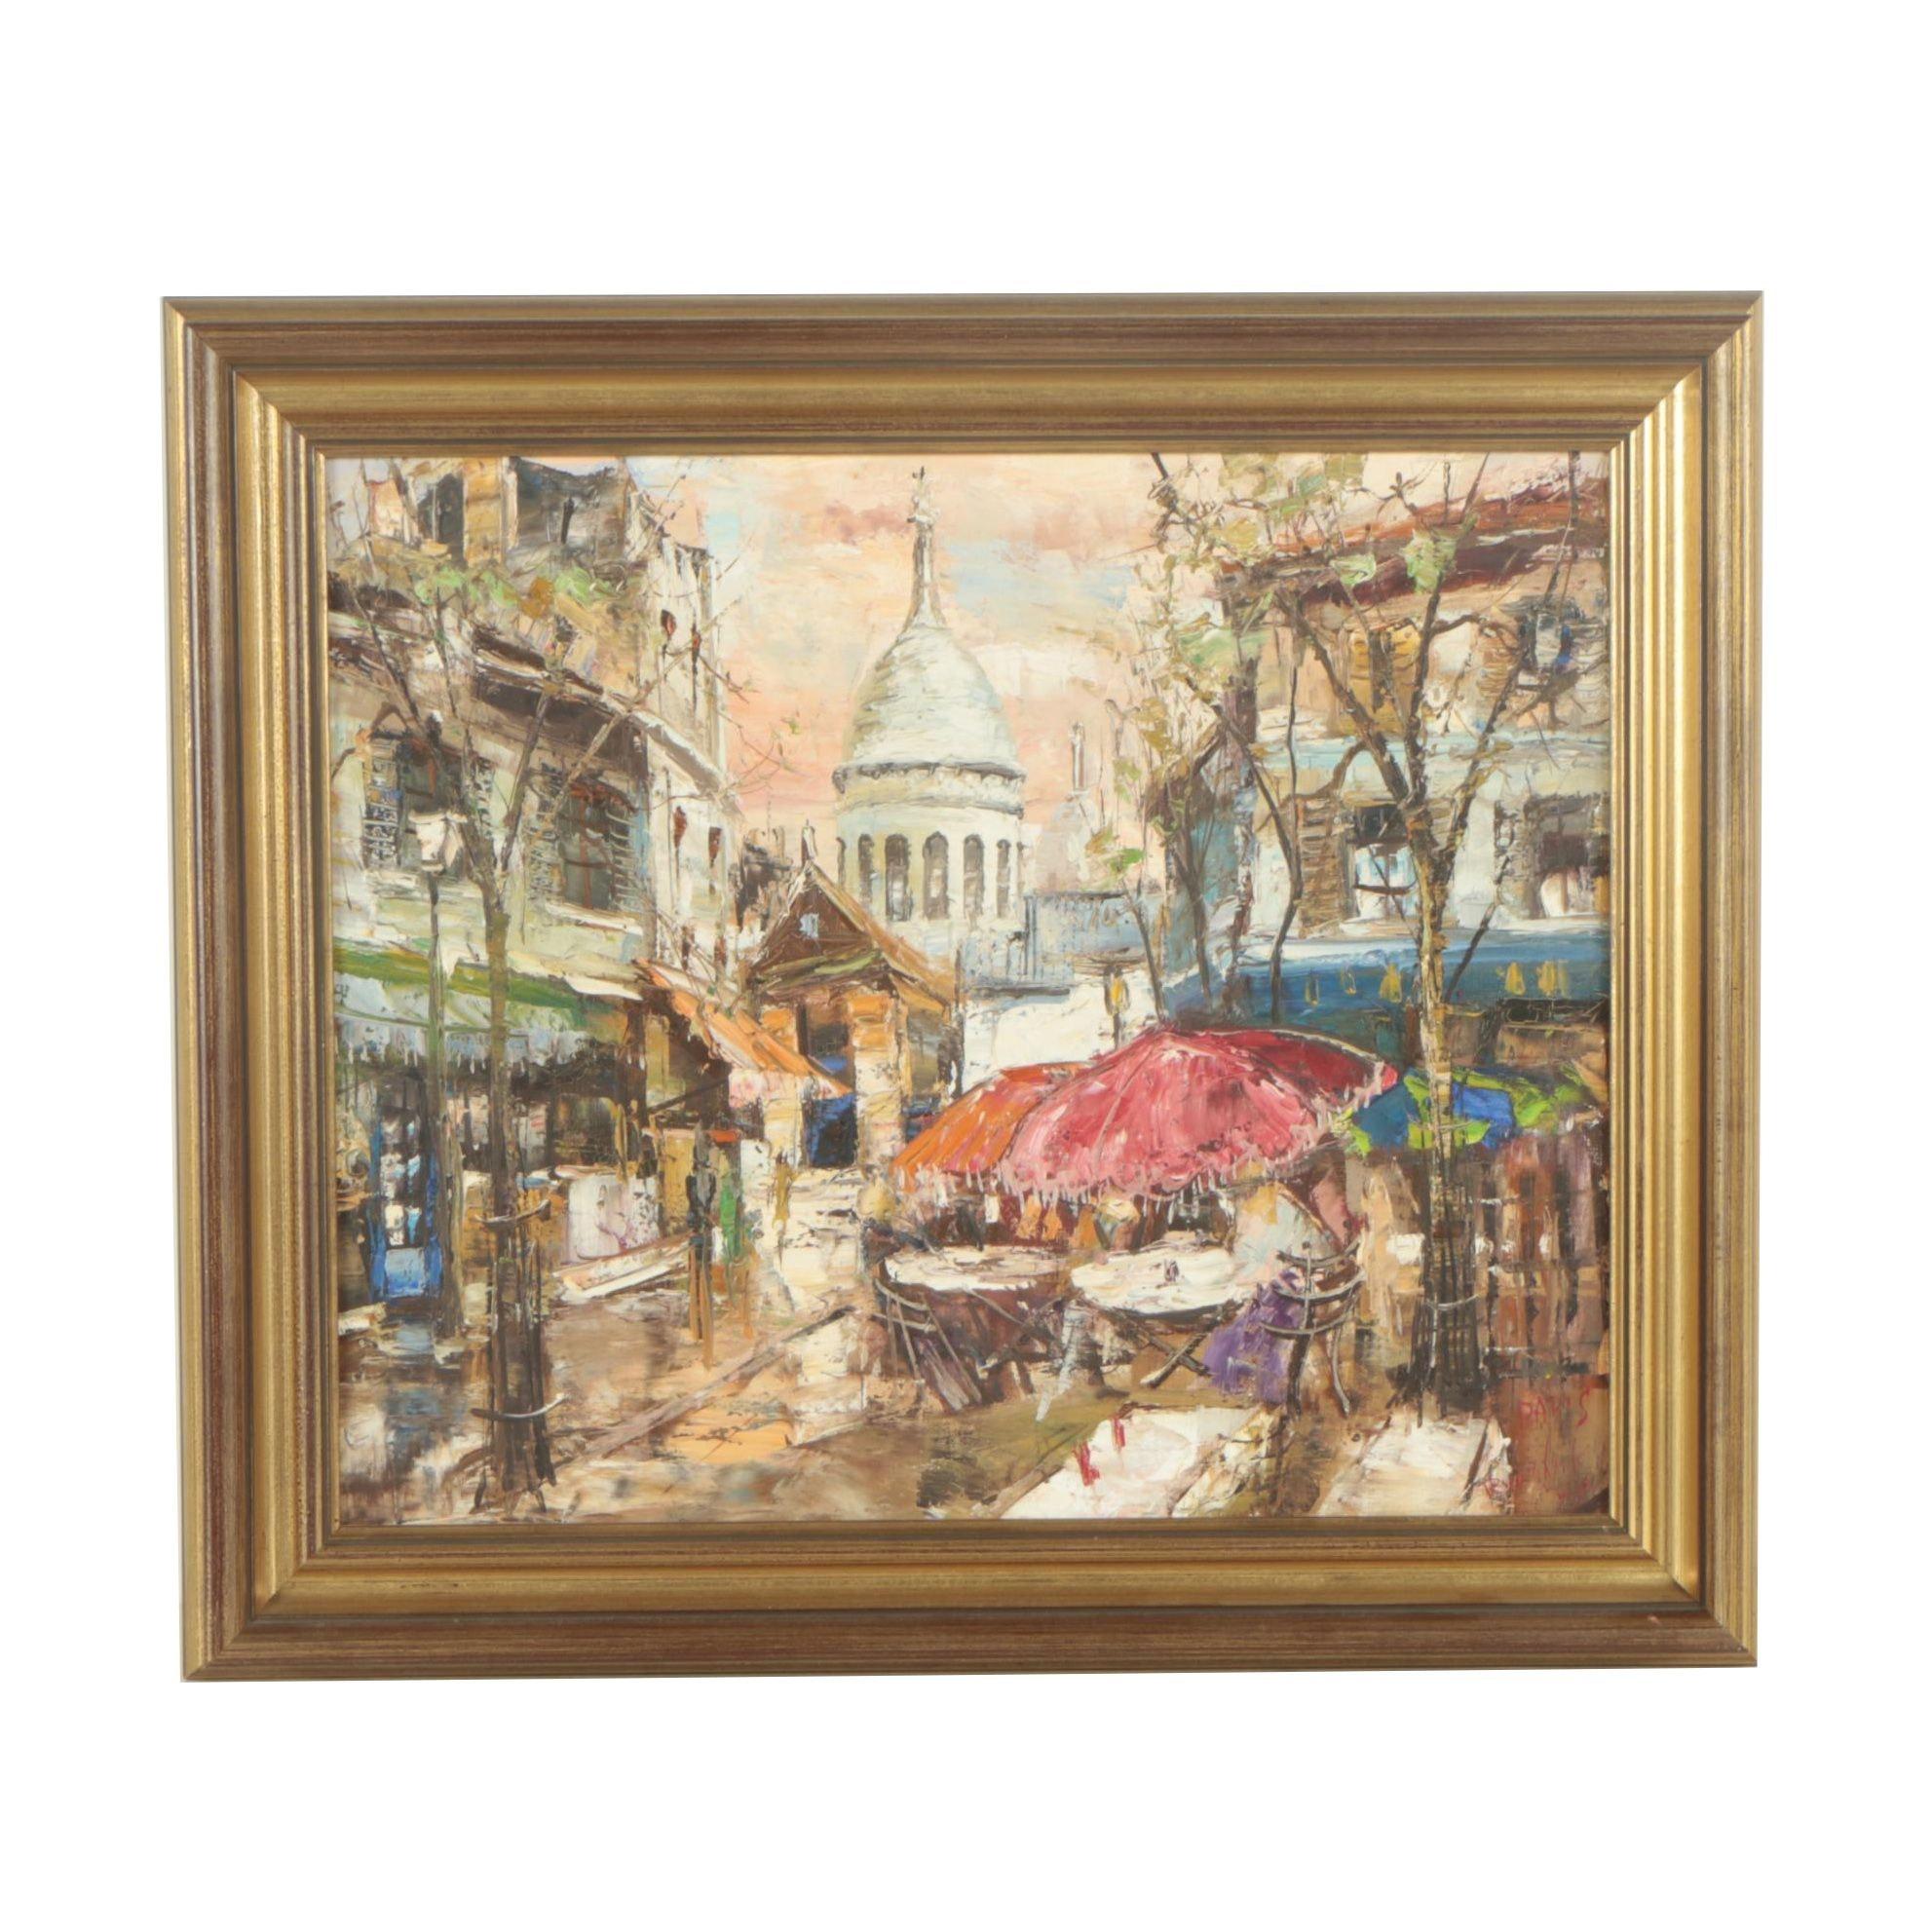 Mid-Century Oil Painting on Canvas of a Parisian Street Scene